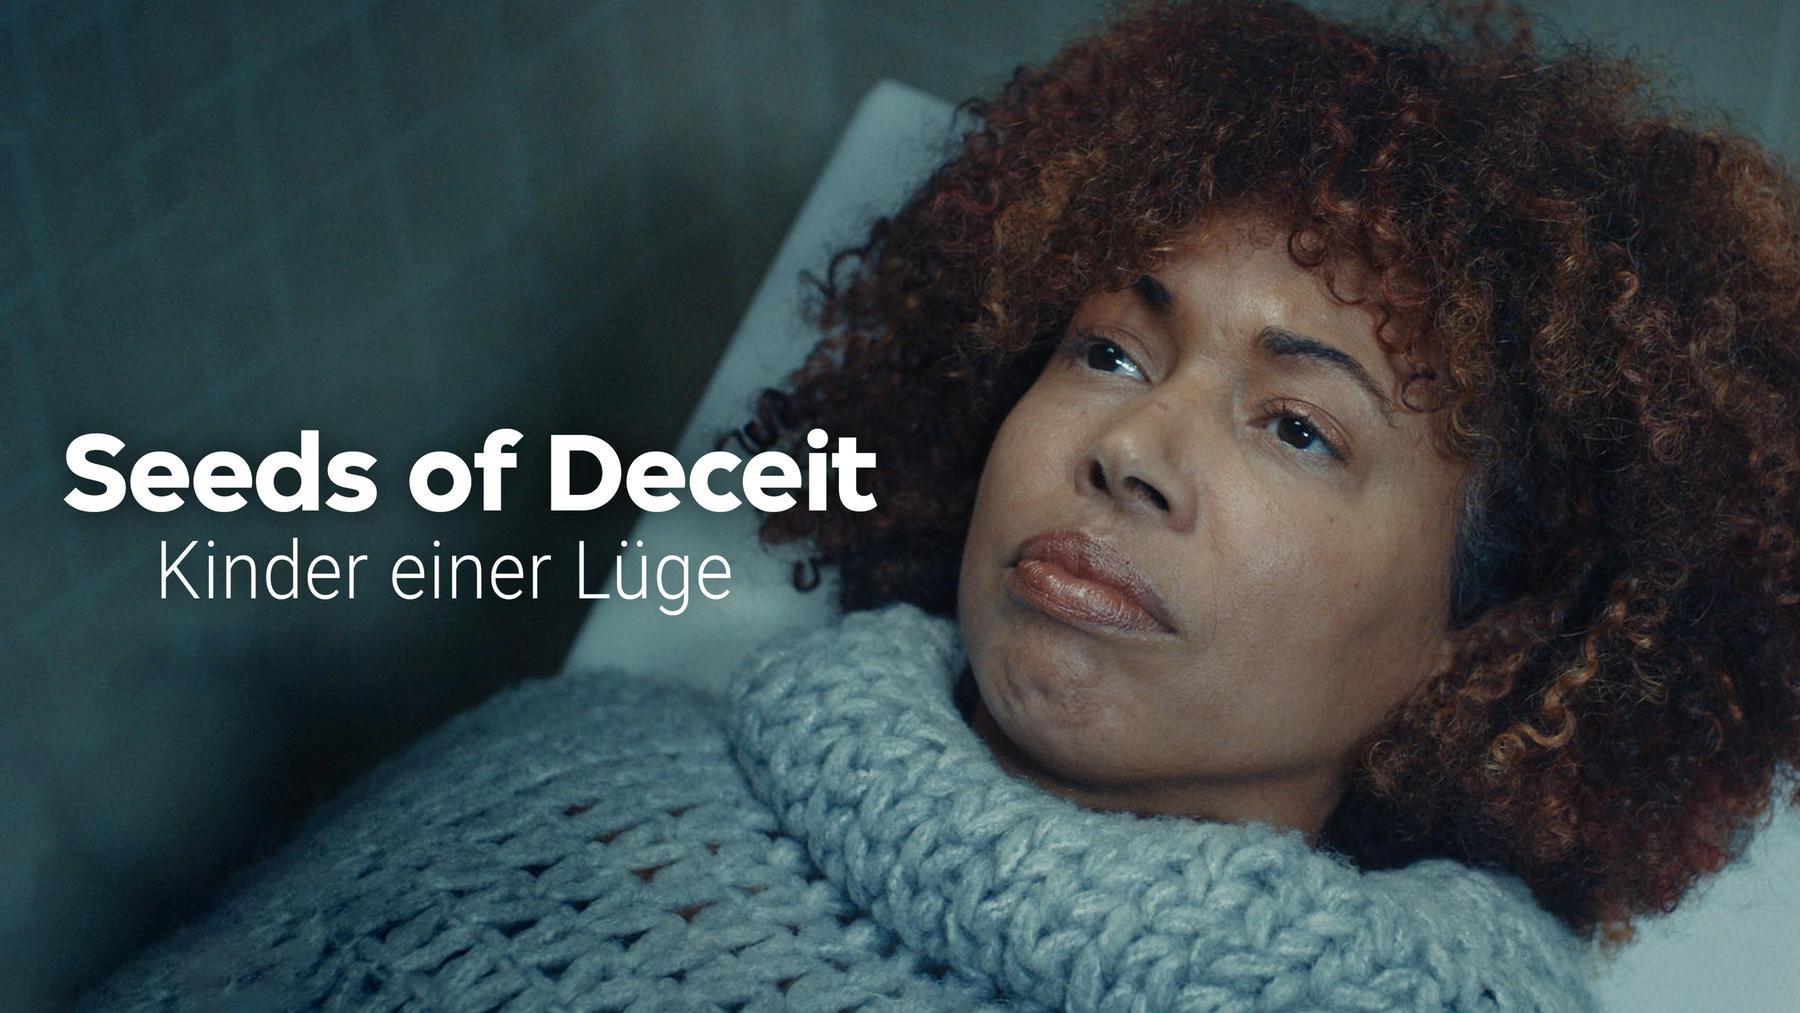 Seeds of Deceit - Kinder einer Lüge